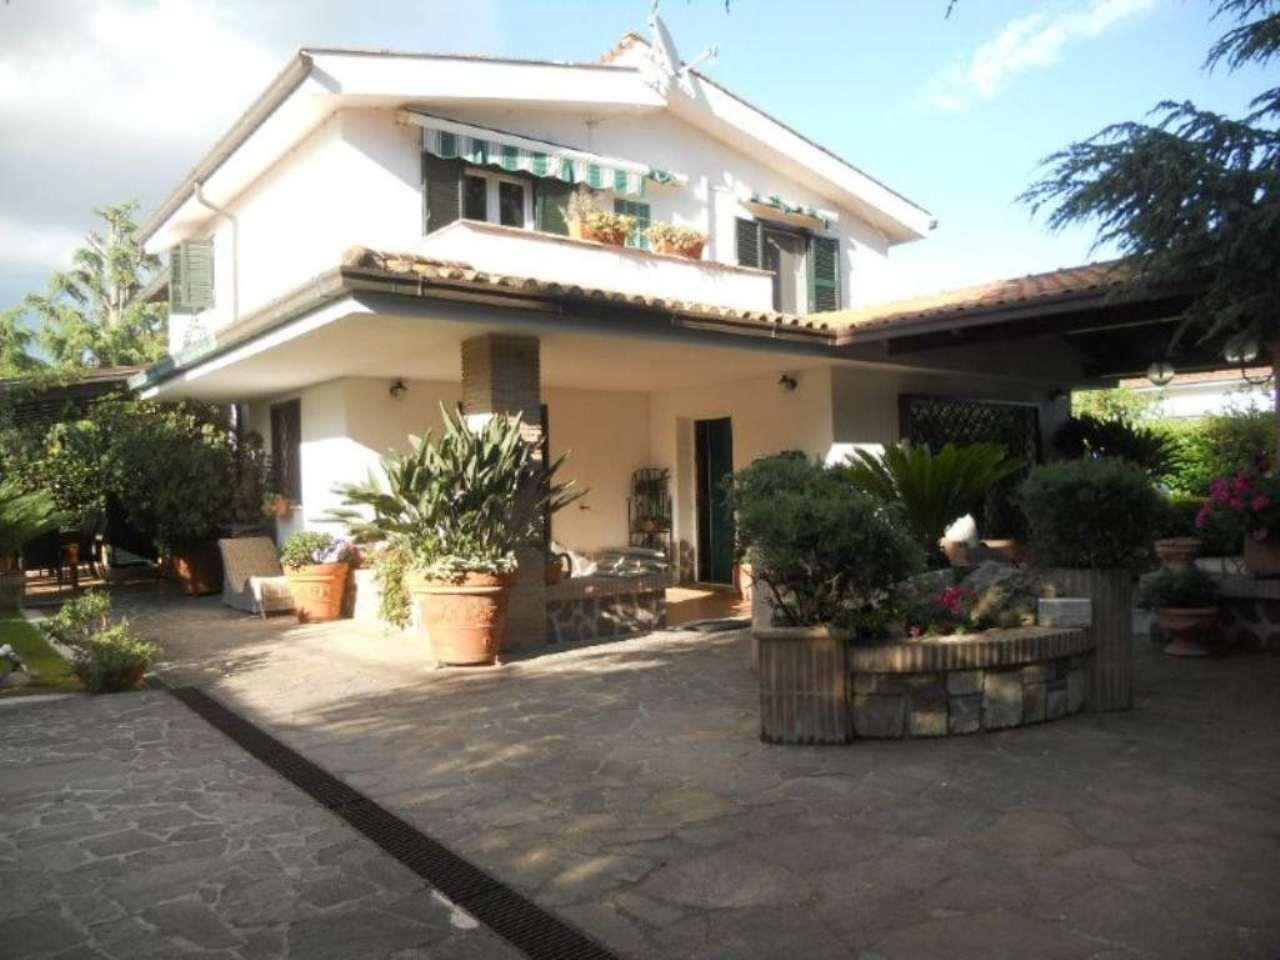 Villa in vendita a Aprilia, 4 locali, prezzo € 289.000 | CambioCasa.it